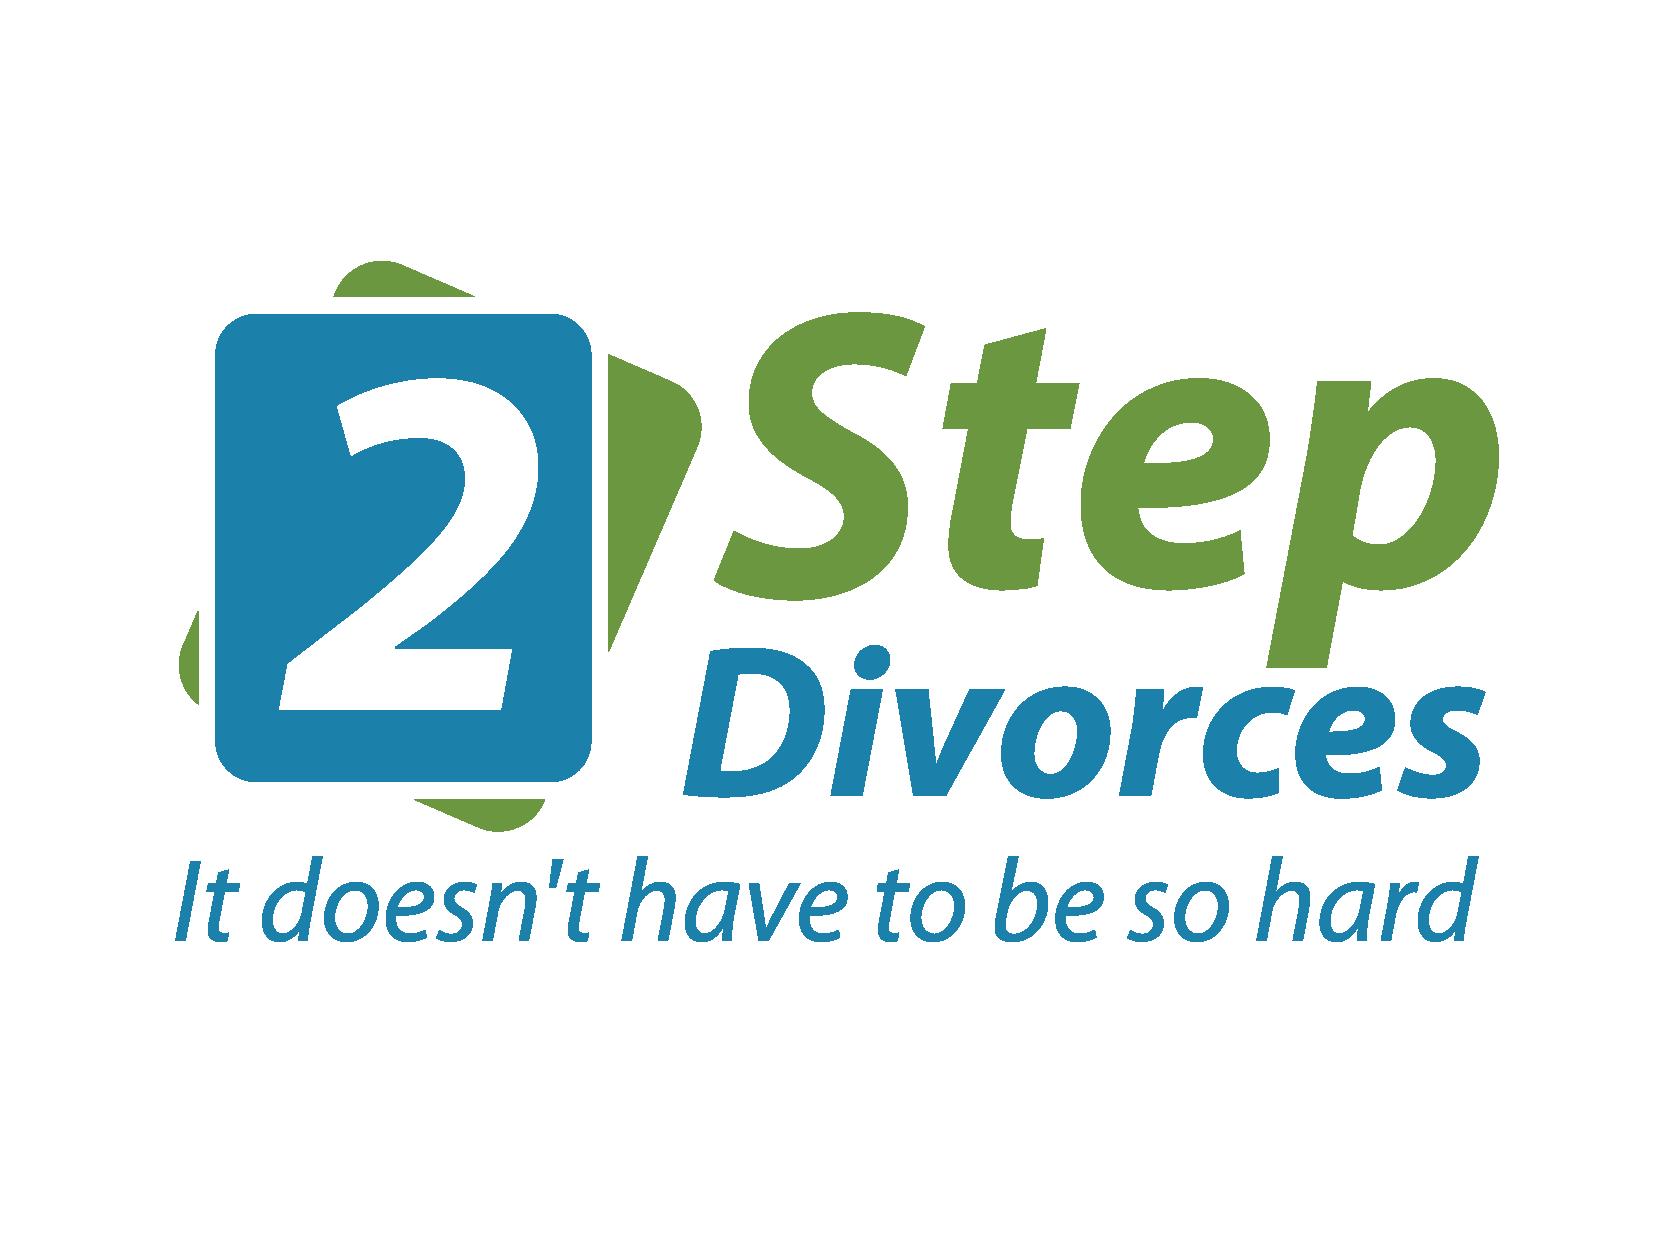 2 Step Divorces image 1